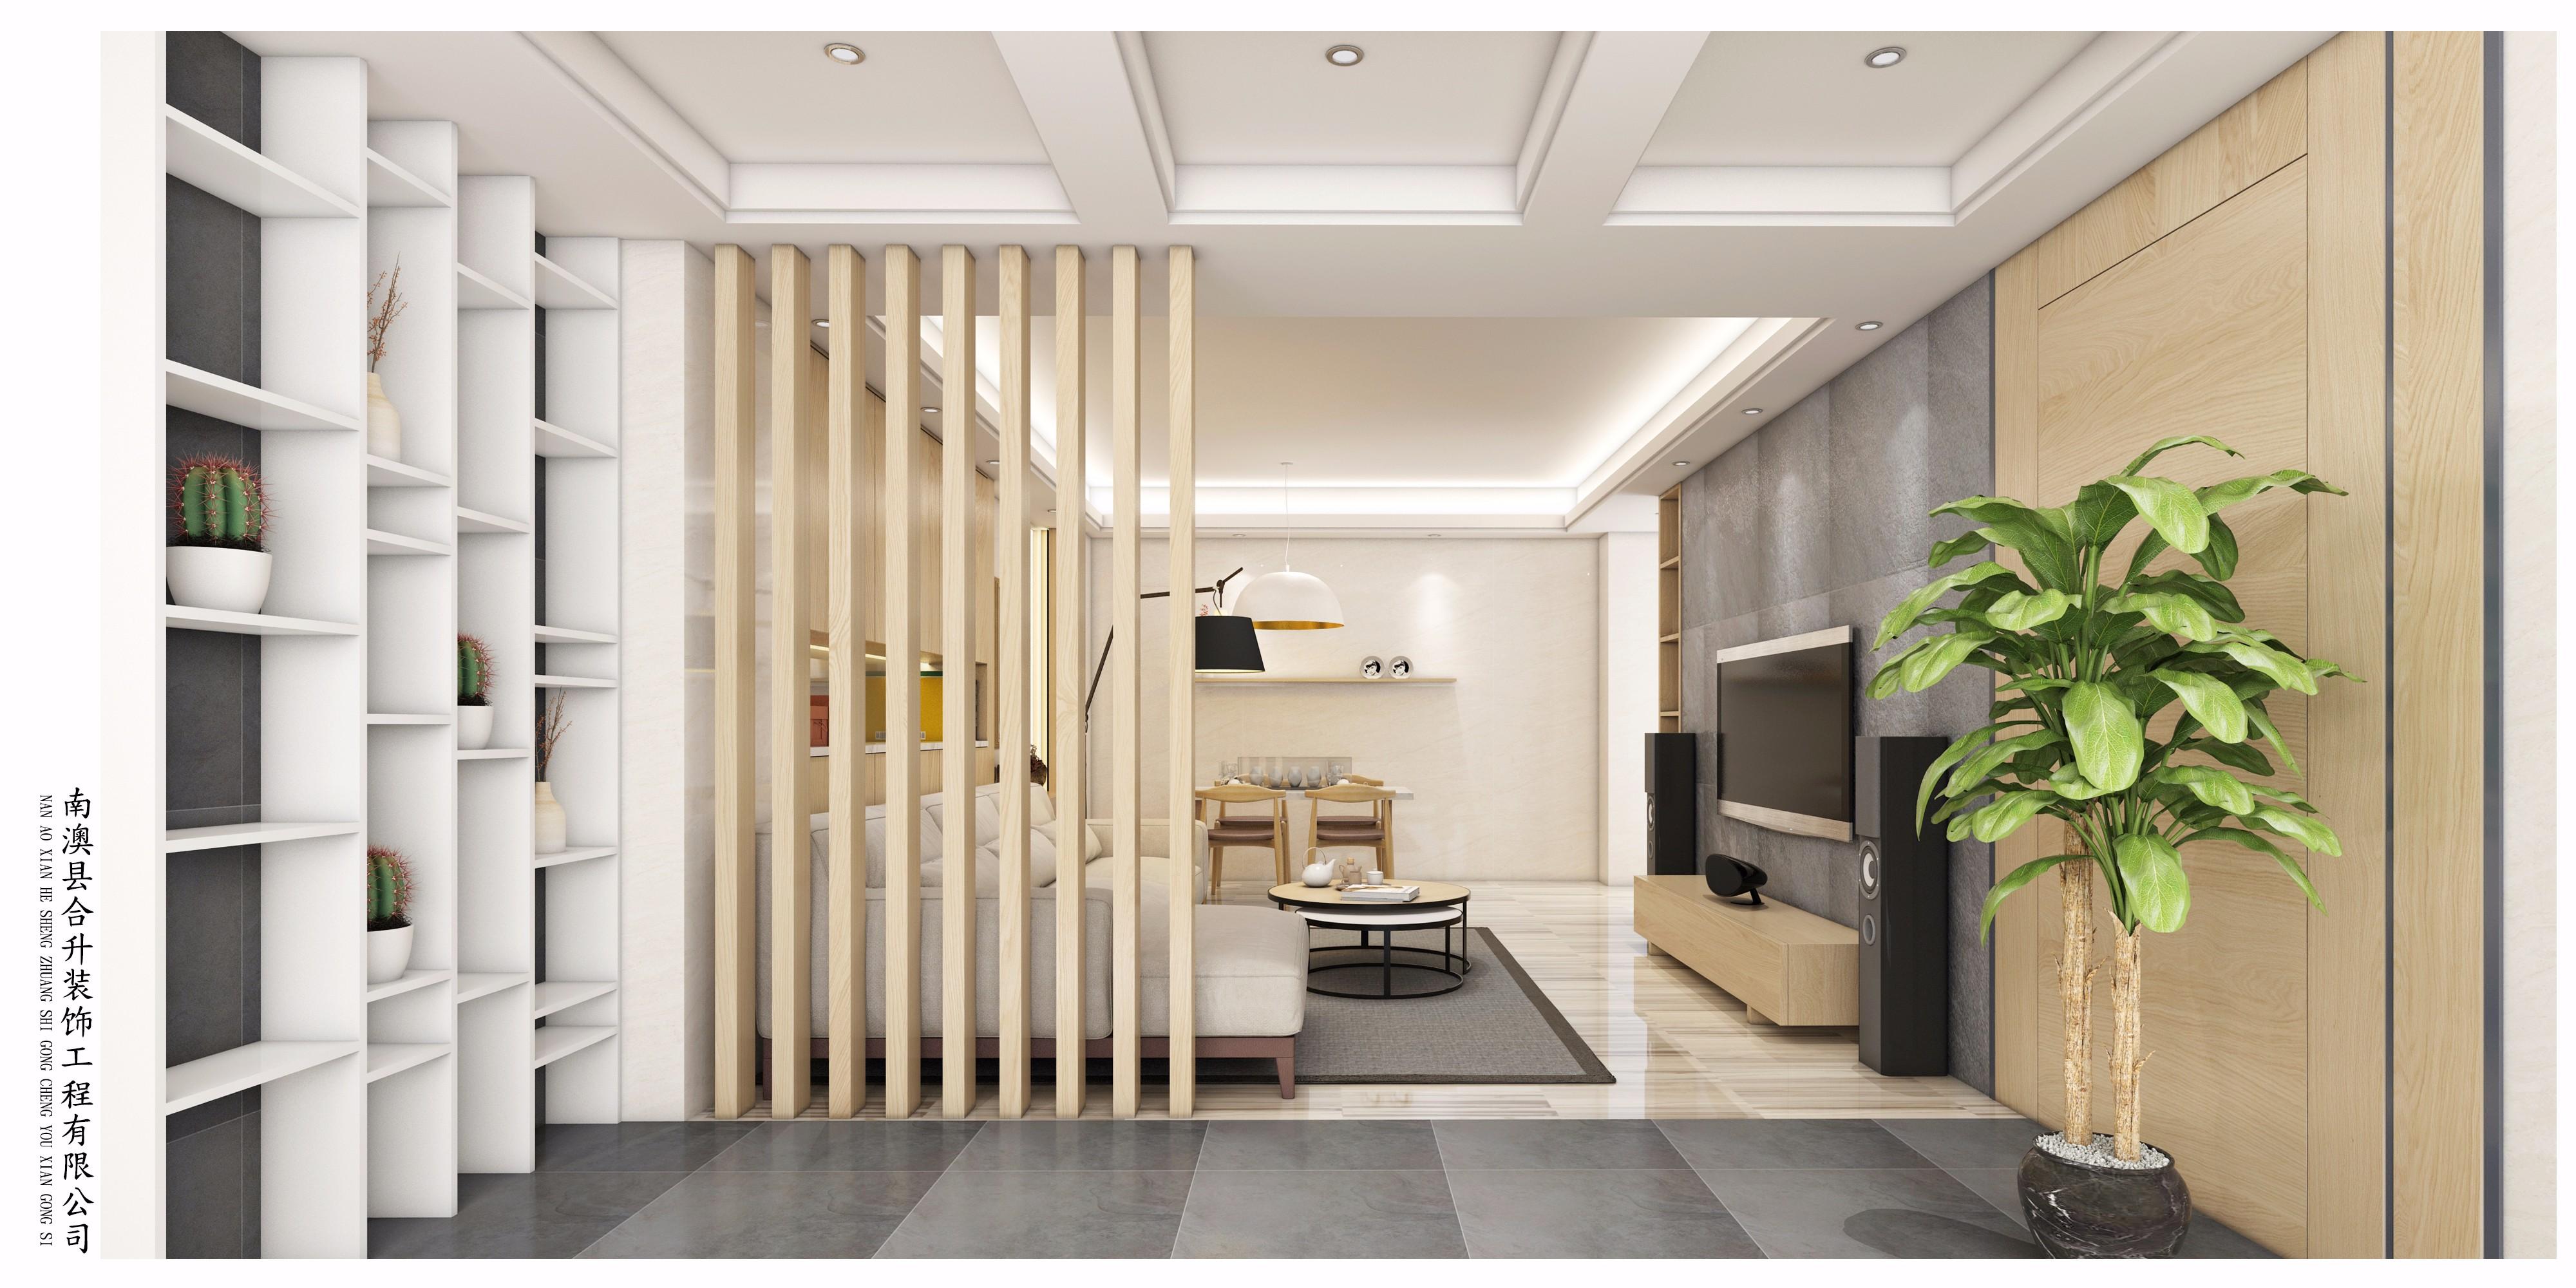 拙朴- 效果图交流区-建e室内设计网